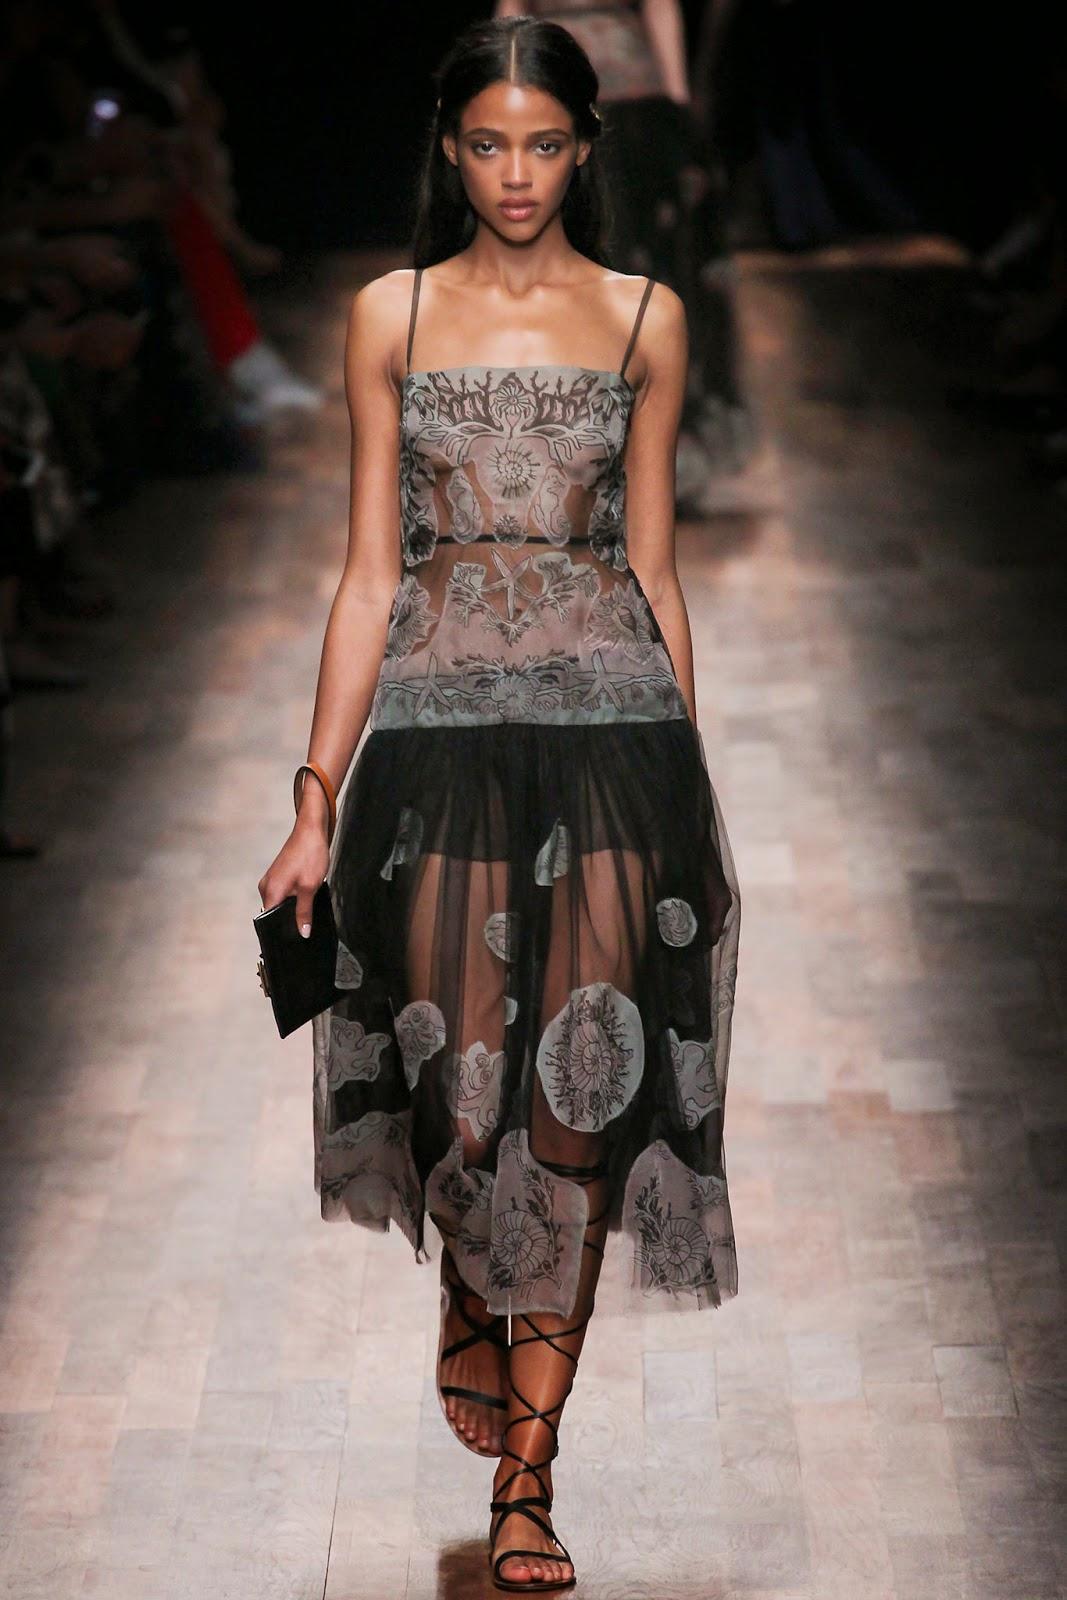 valentino 2015 summer 2016 trend women dress73 Valentino 2015 samling, våren sommaren 2016 Valentino klänning modeller, Valentino kväll klänning nya säsongen kvinnors kjolar modeller